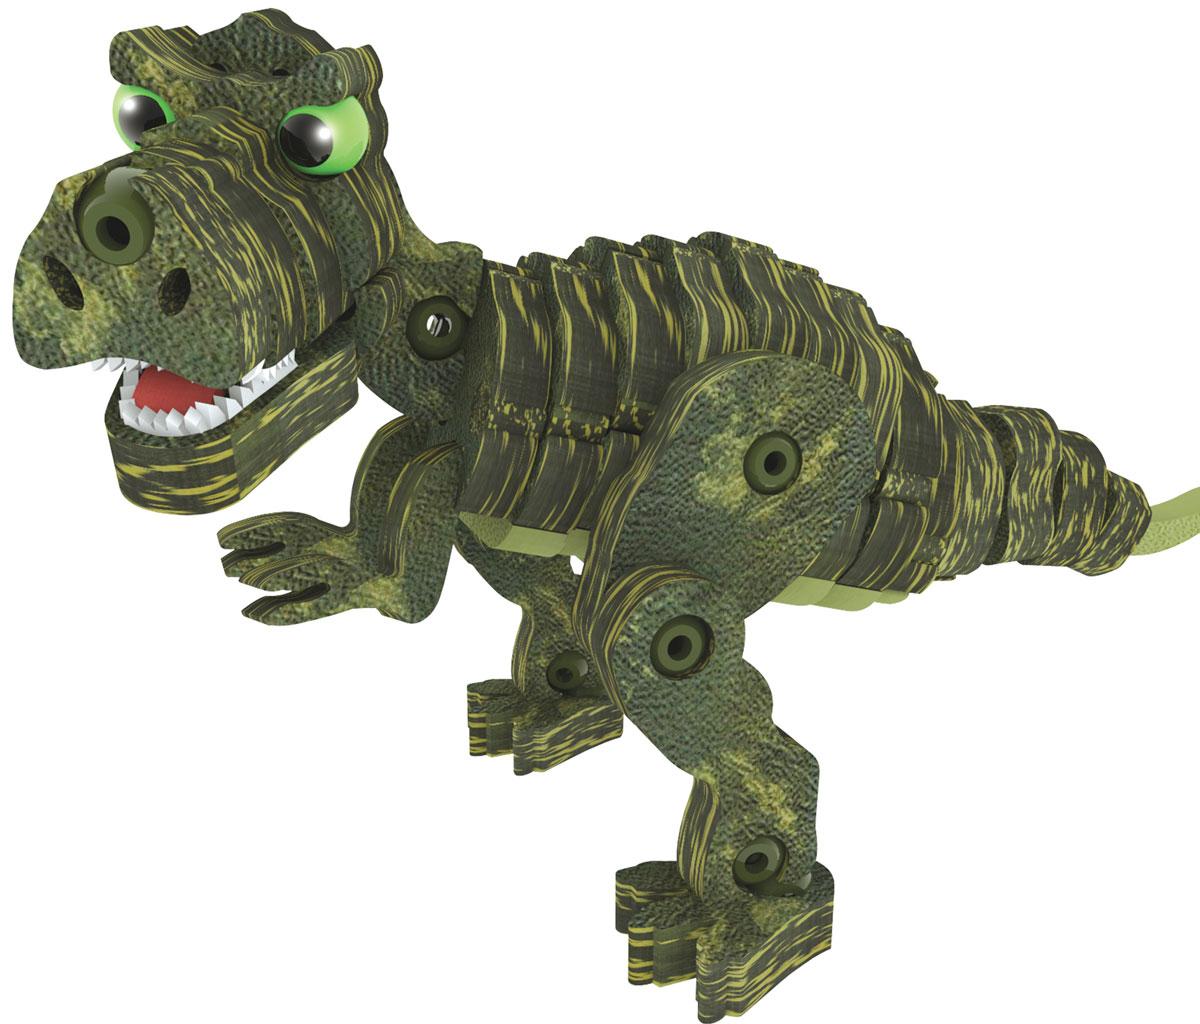 Bebelot 3D мягкий конструктор ДинозаврыBEB0706-021Мягкий 3D конструктор Bebelot поможет вашему малышу собрать фигурку тигра, который будет так похож на настоящего! Во время игры у ребёнка развивается мелкая моторика, усидчивость, внимание и память. Конструктор изготовлен из экологически чистого и безопасного материала EVA